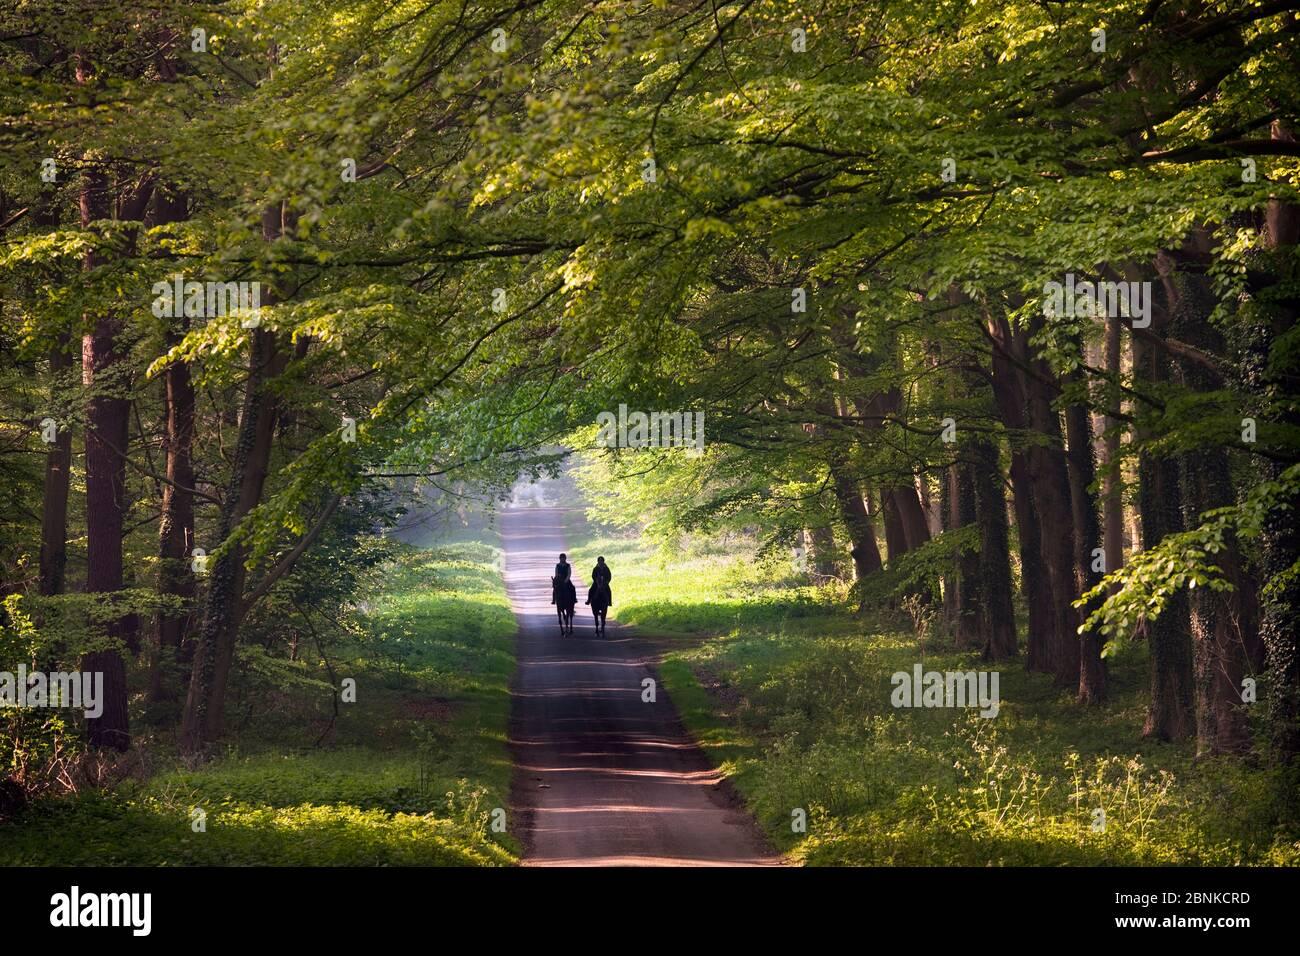 Jinetes en el carril del país a través de bosques, Holkham, Norfolk, Inglaterra, Reino Unido, mayo. Foto de stock